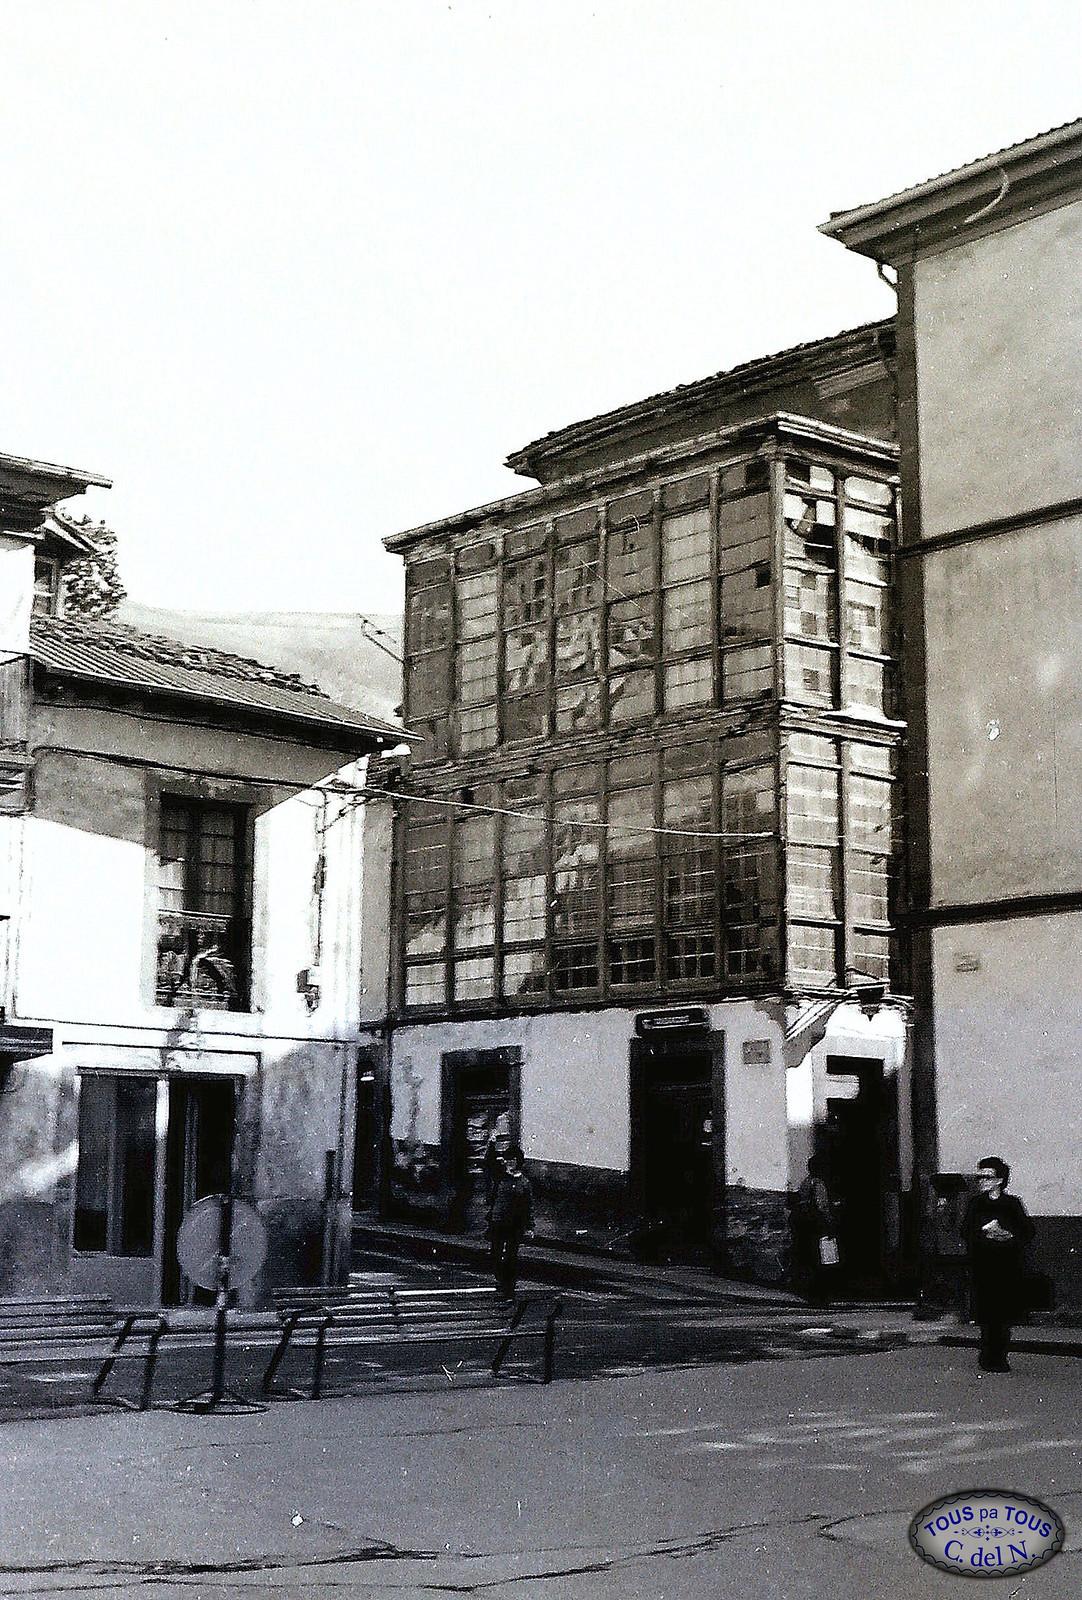 1985 - Plazoleta del Julter